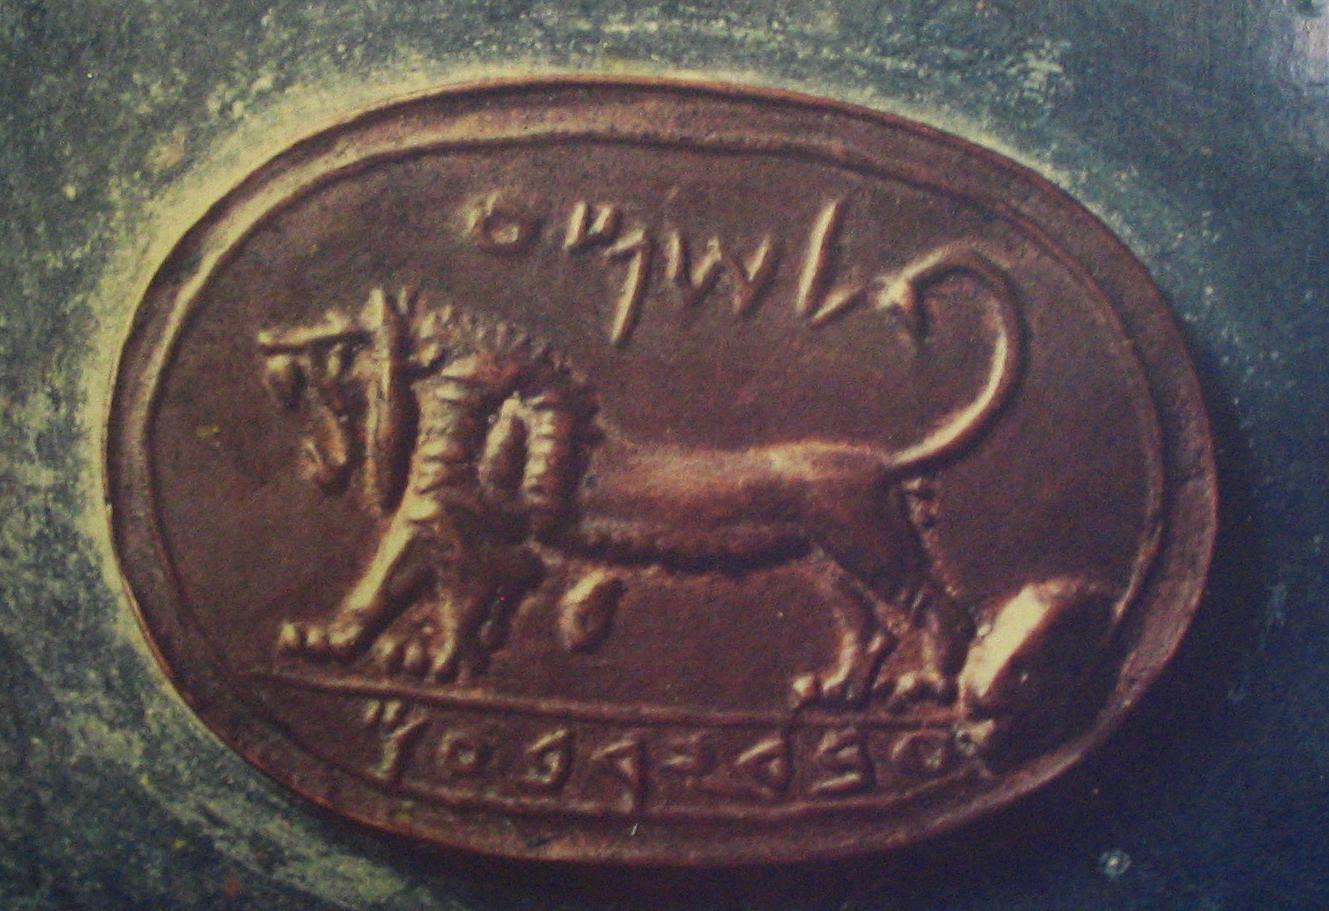 上图:米吉多遗址(Tel Megiddo)出土的主前8世纪的米吉多印(Megiddo Seal)。印上刻有吼叫的狮子,上方写着「示马」(申六4-9),下方写着「耶罗波安的仆人」,主人可能是耶罗波安二世的一个高级官员。